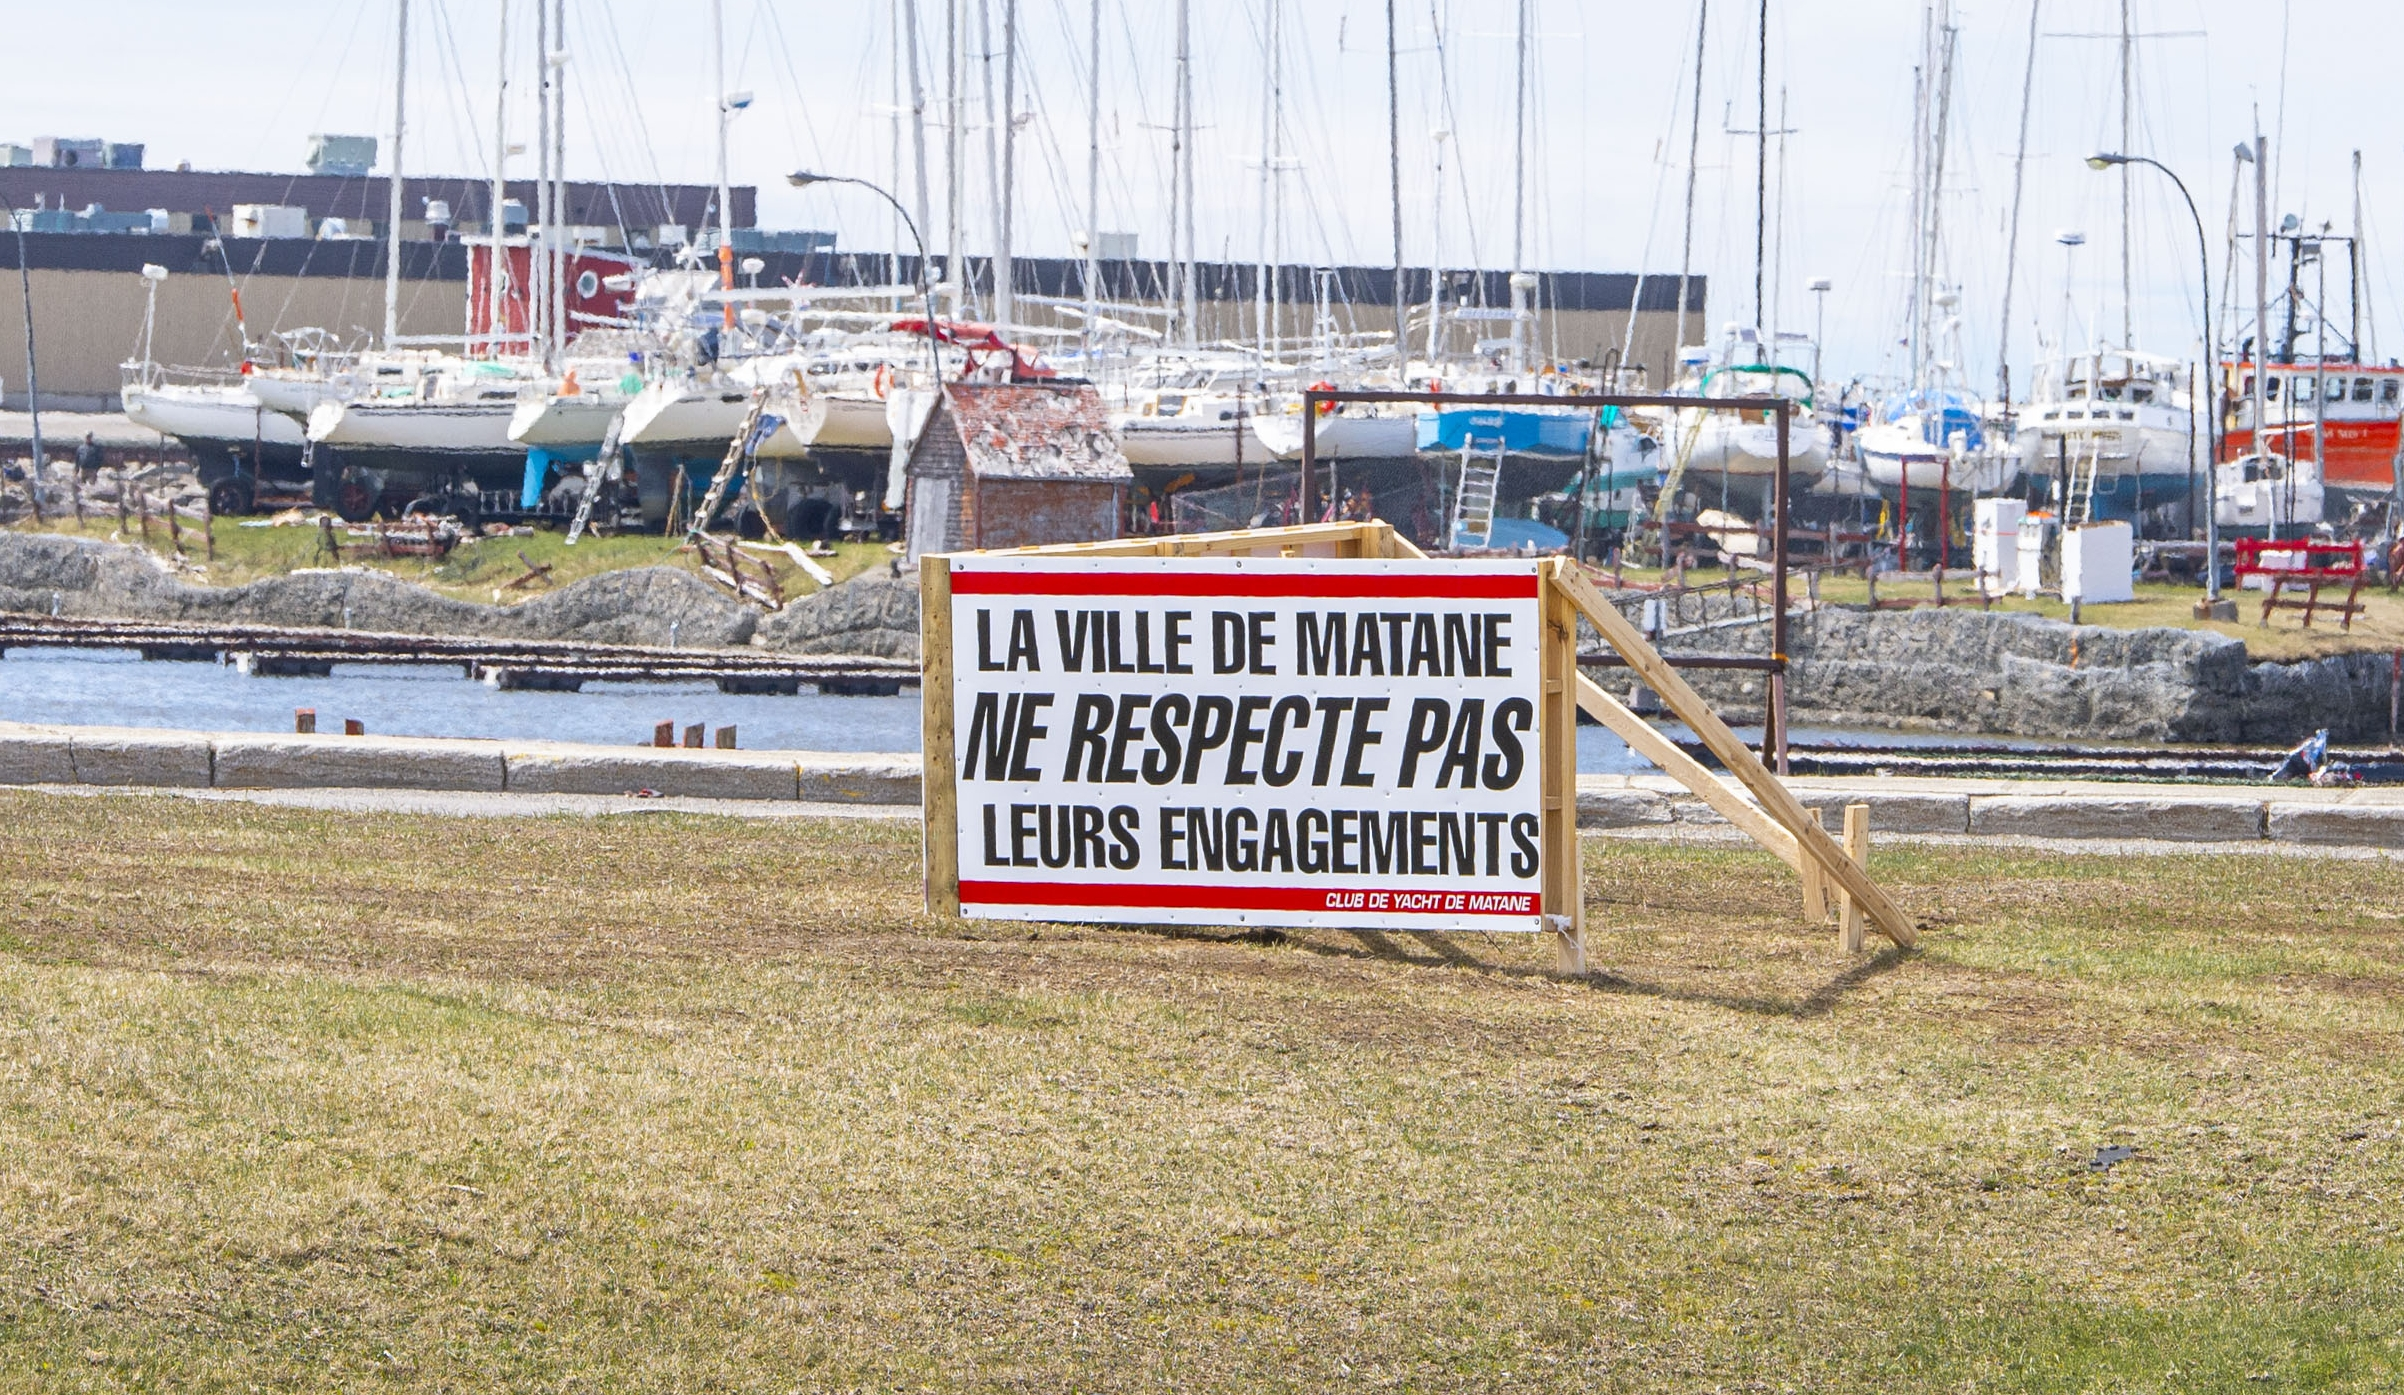 Marina Matane club de yacht